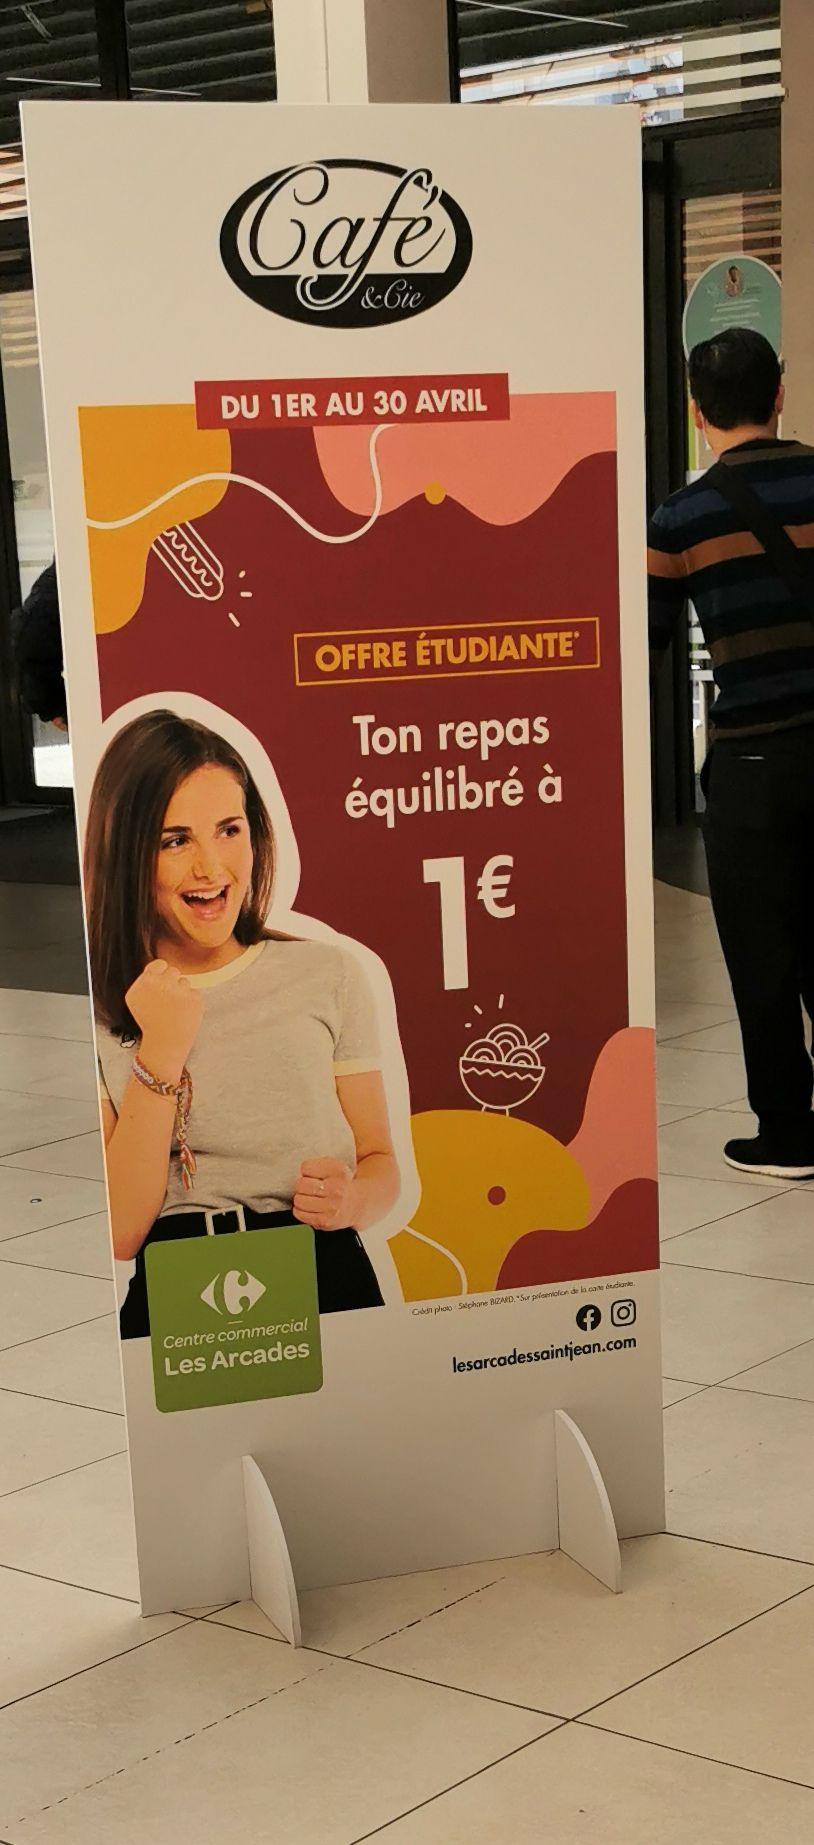 [Étudiants] Repas équilibré à 1€ - Café et Cie St Jean de Védas (34)